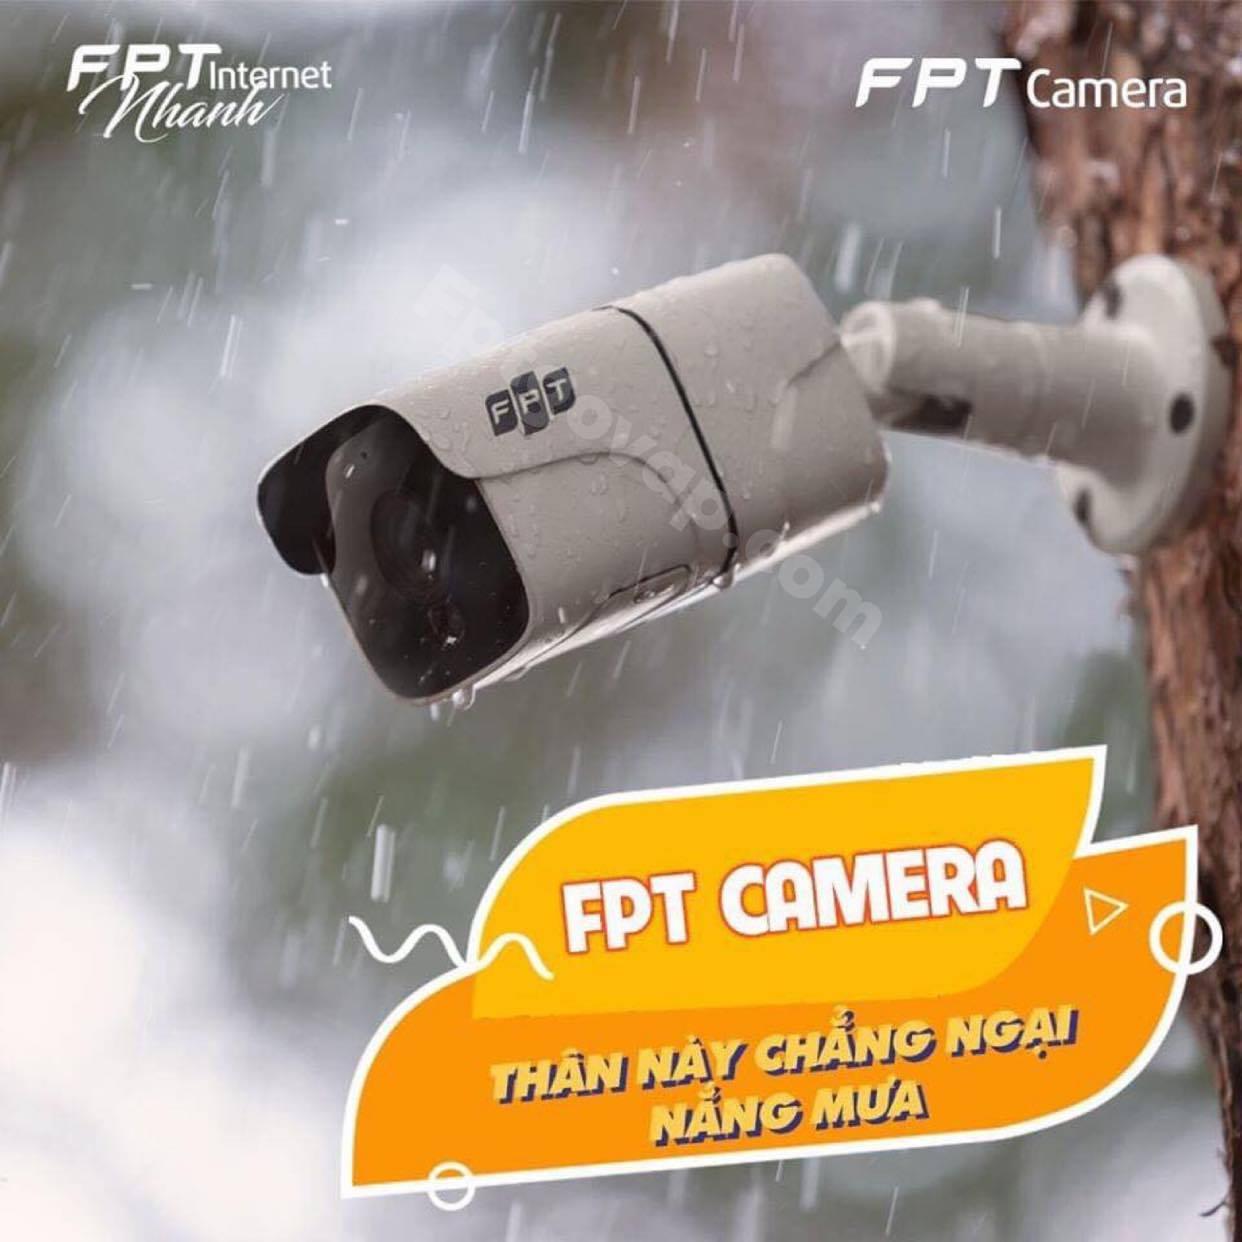 Camera FPT - Một sản phẩm công nghệ cao của FPT Cẩm Mỹ.